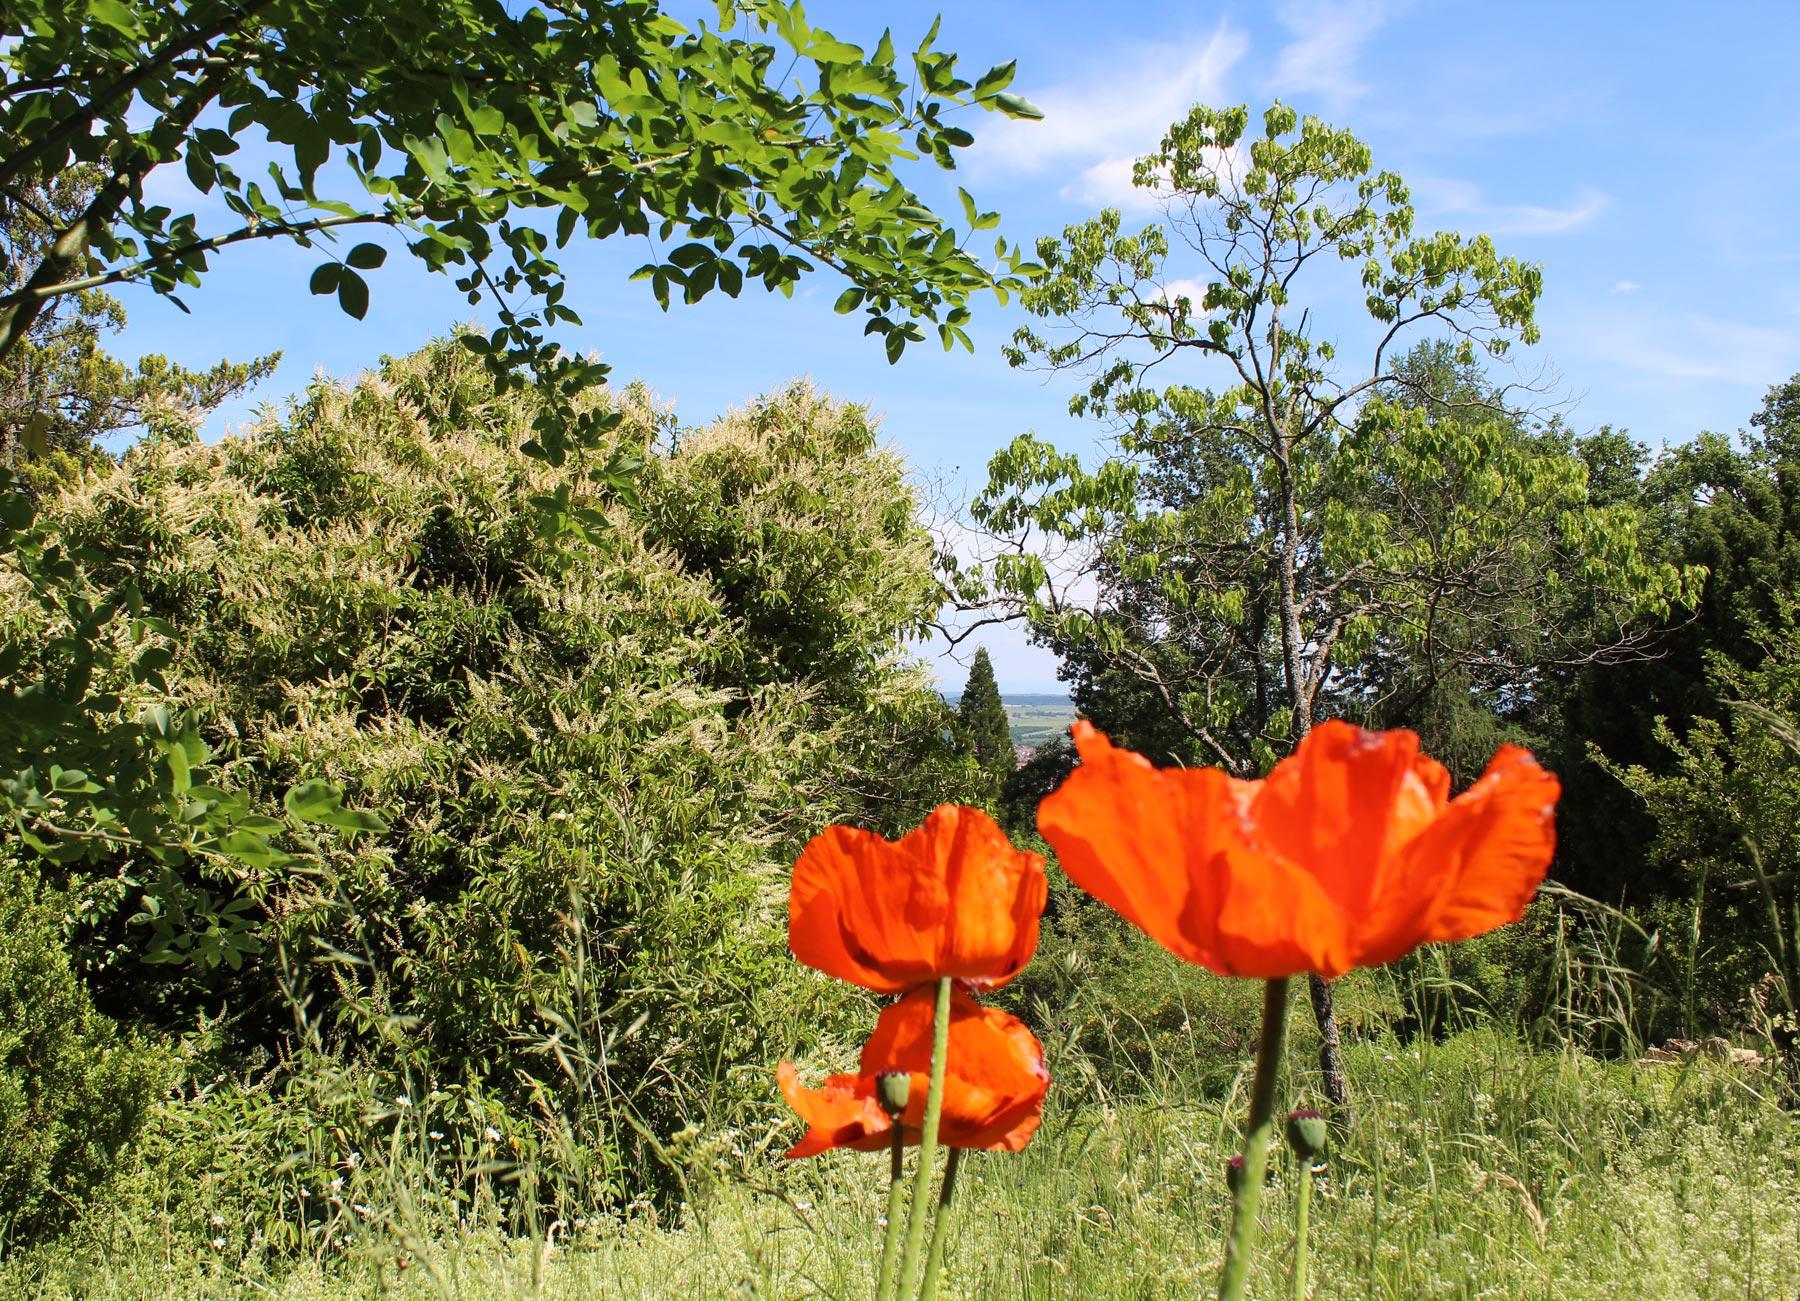 Office de tourisme du pays de saverne jardin botanique for Amis jardin botanique